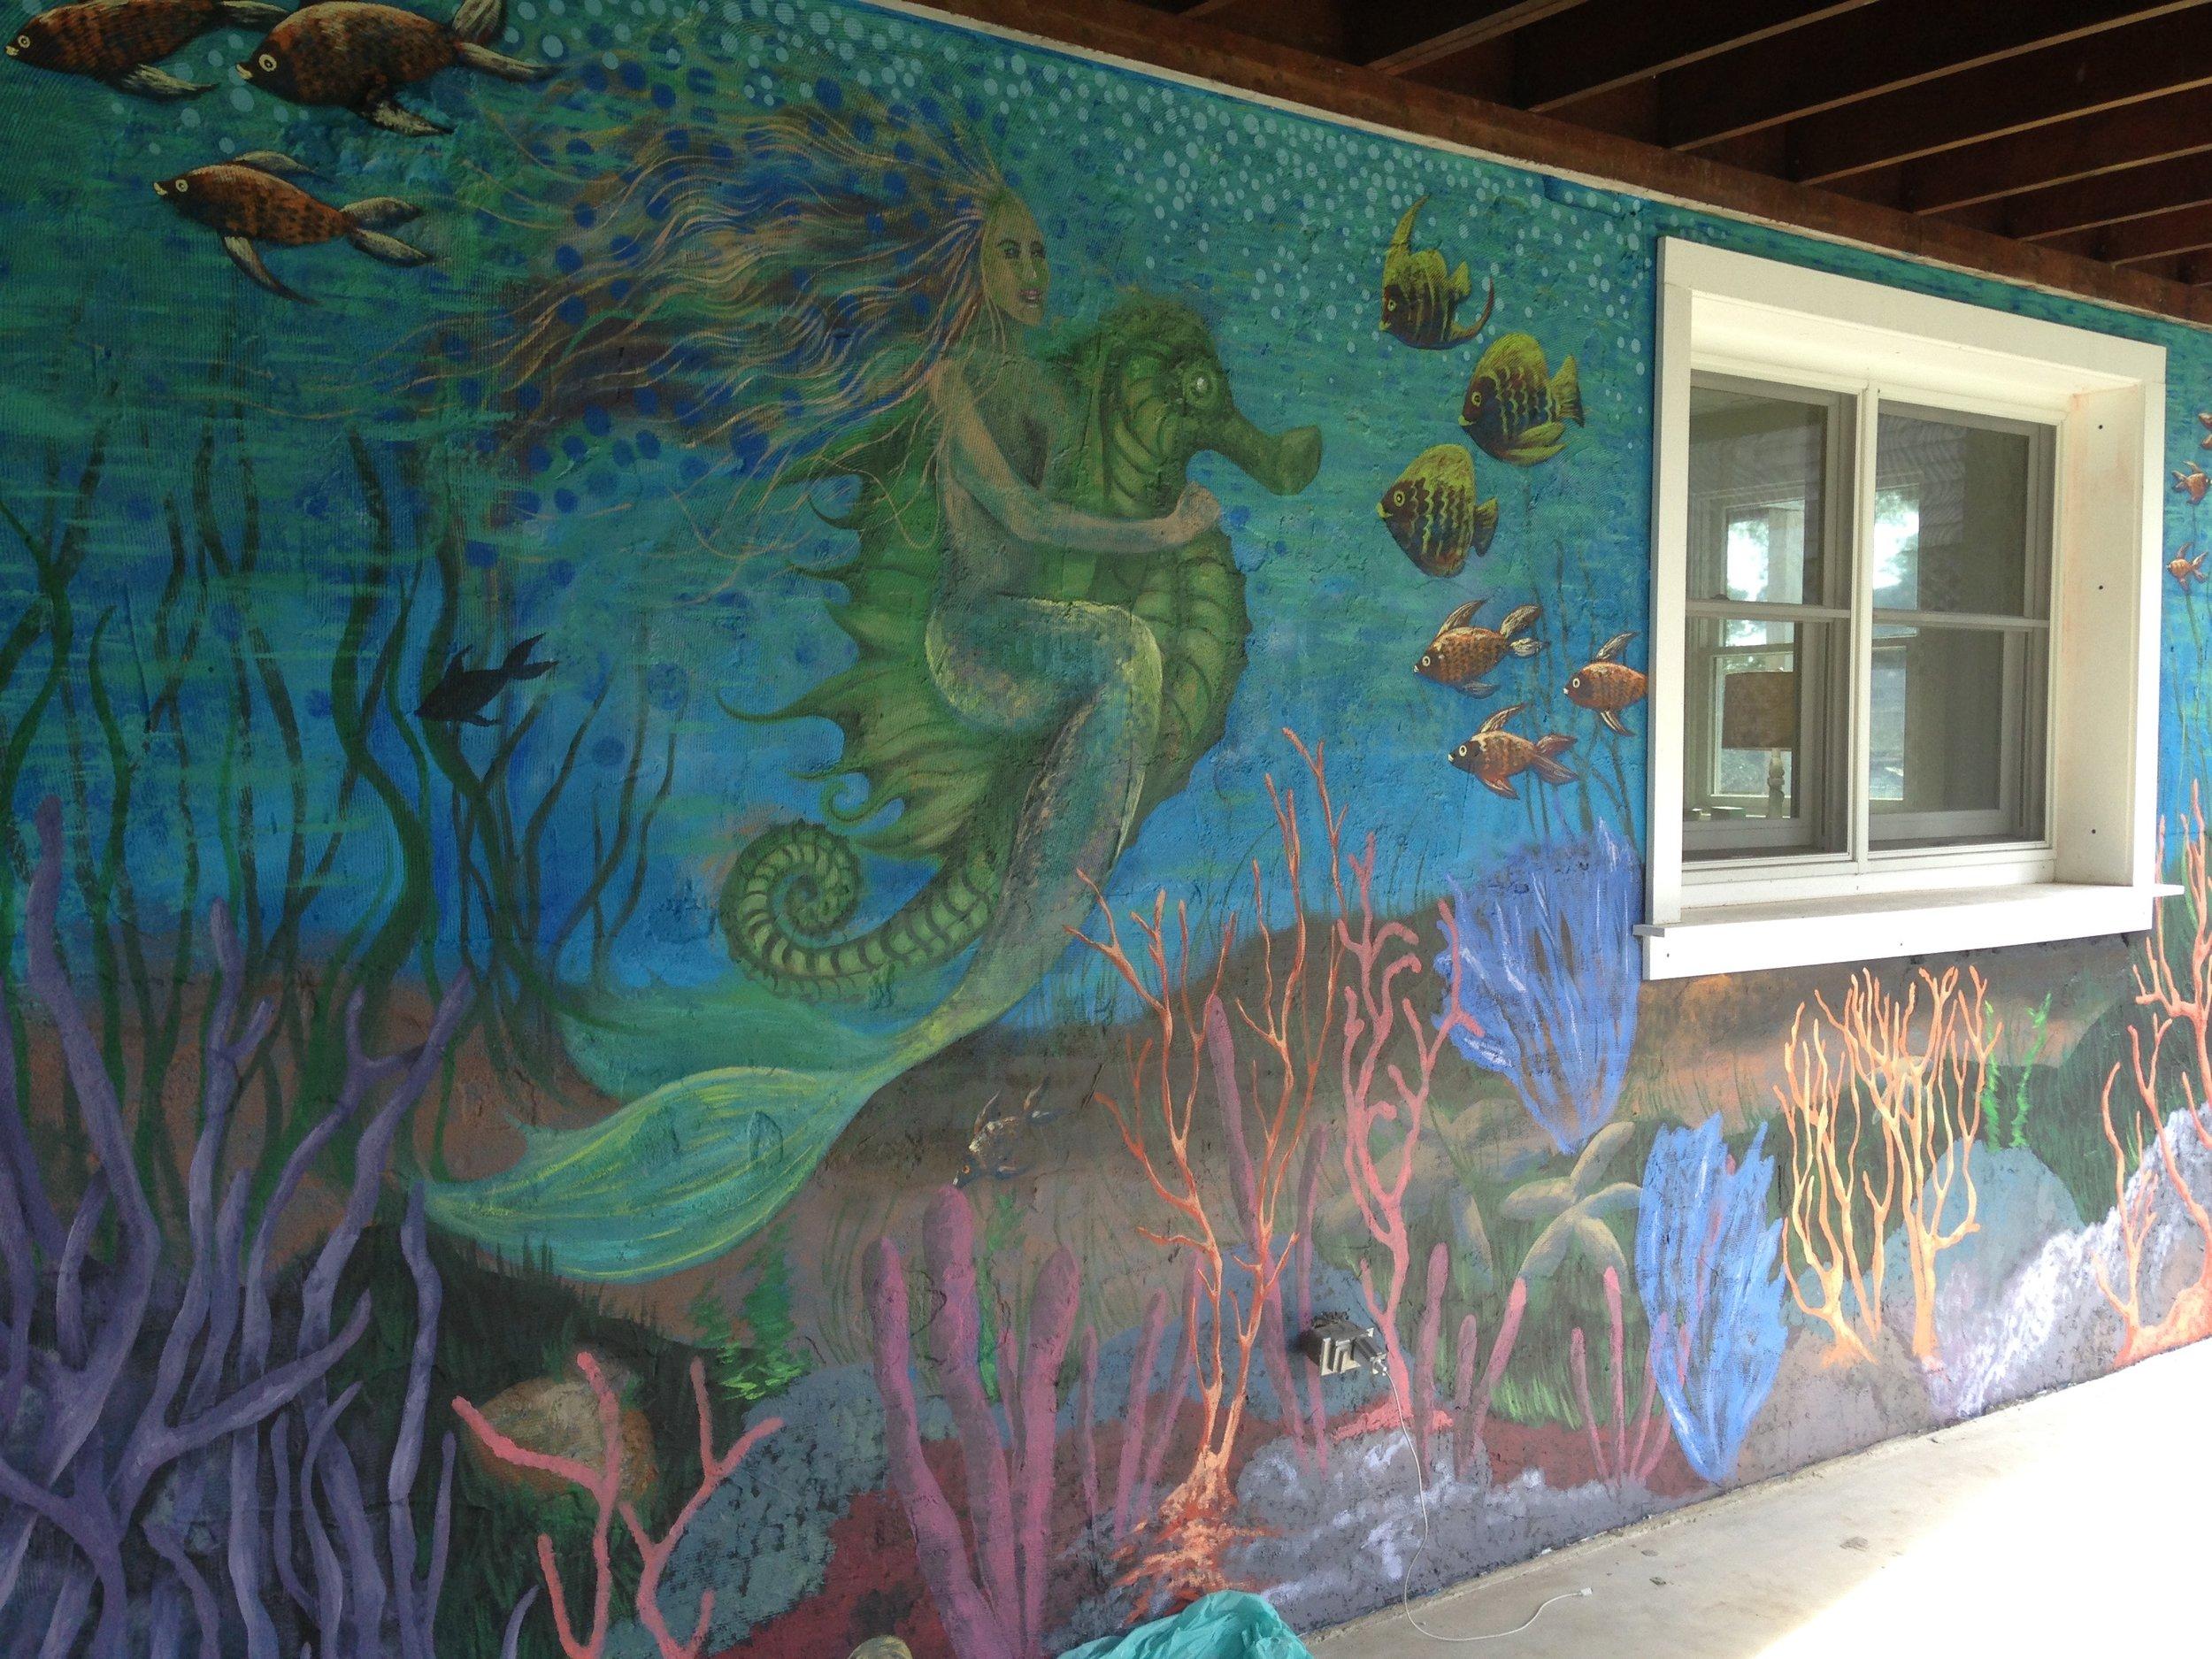 Underwater Mural in Lewes, DE